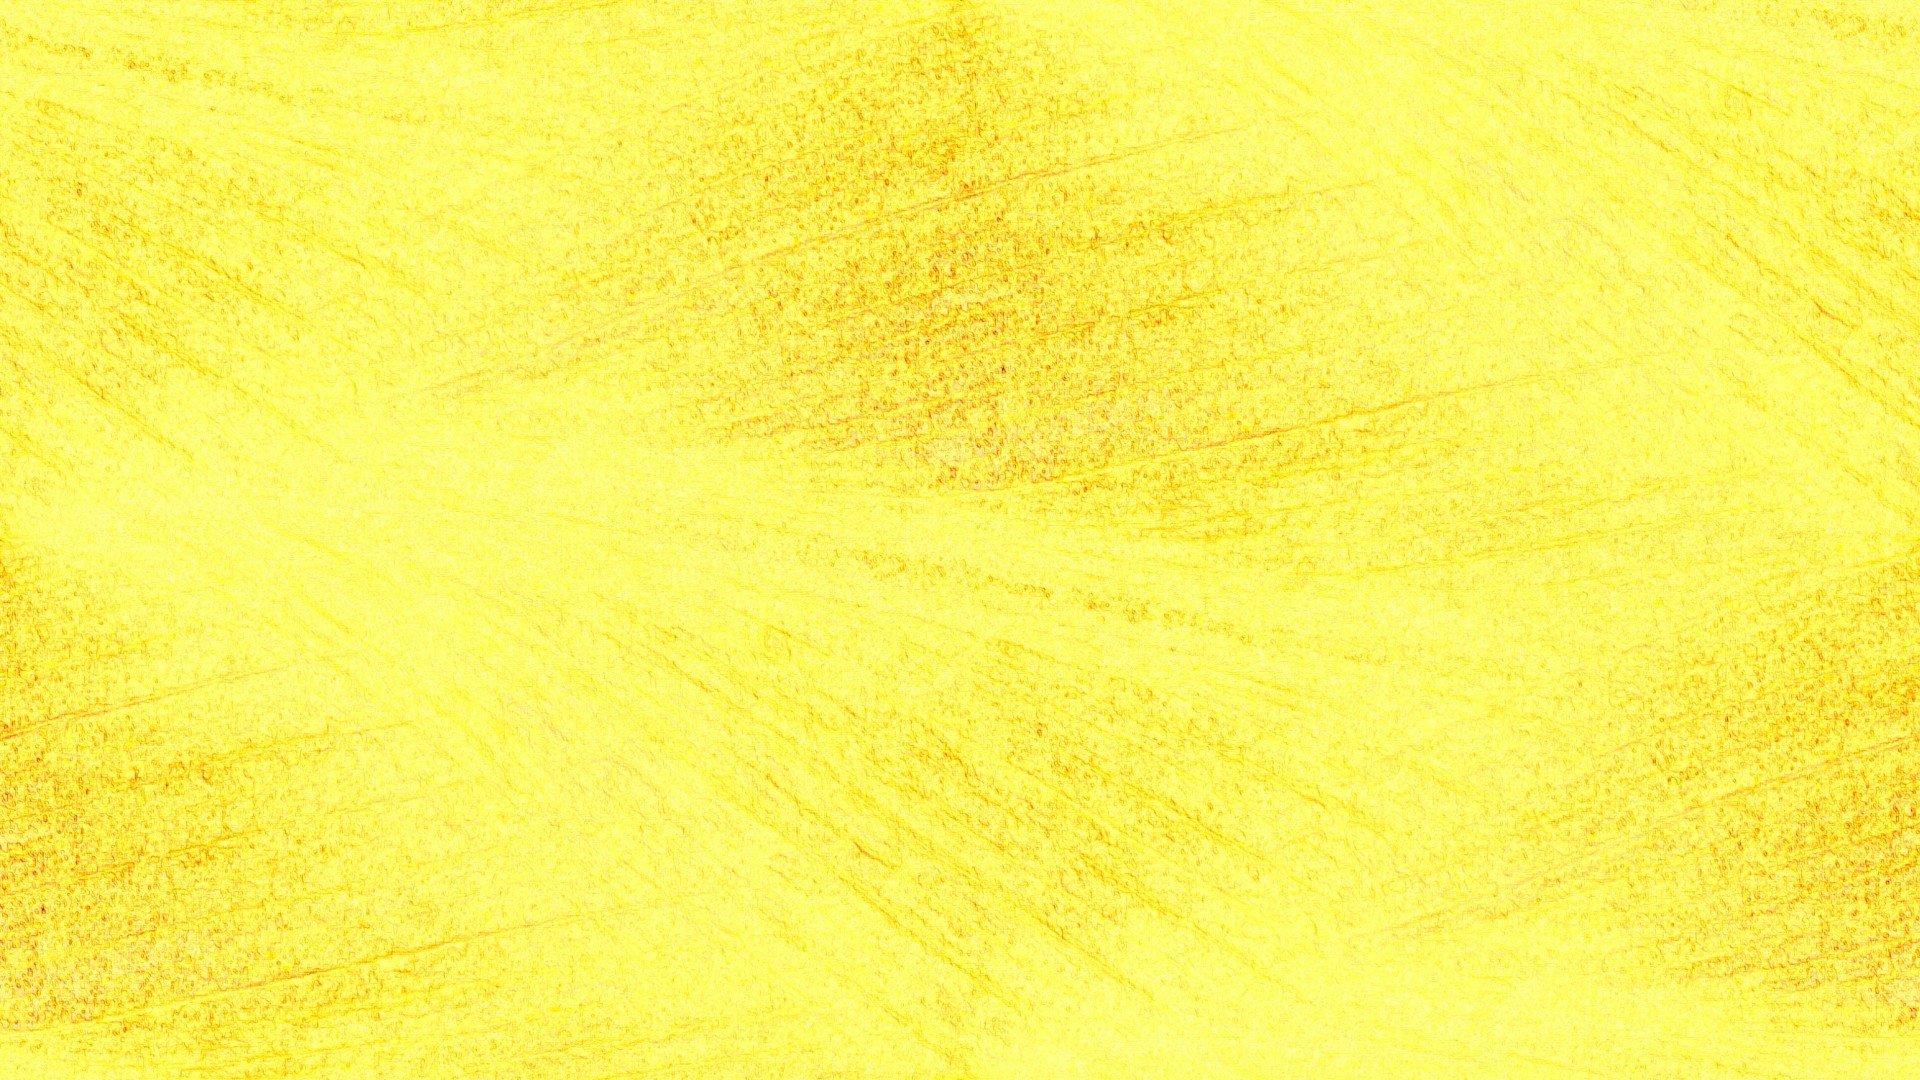 картинка ярко желтый фон перед